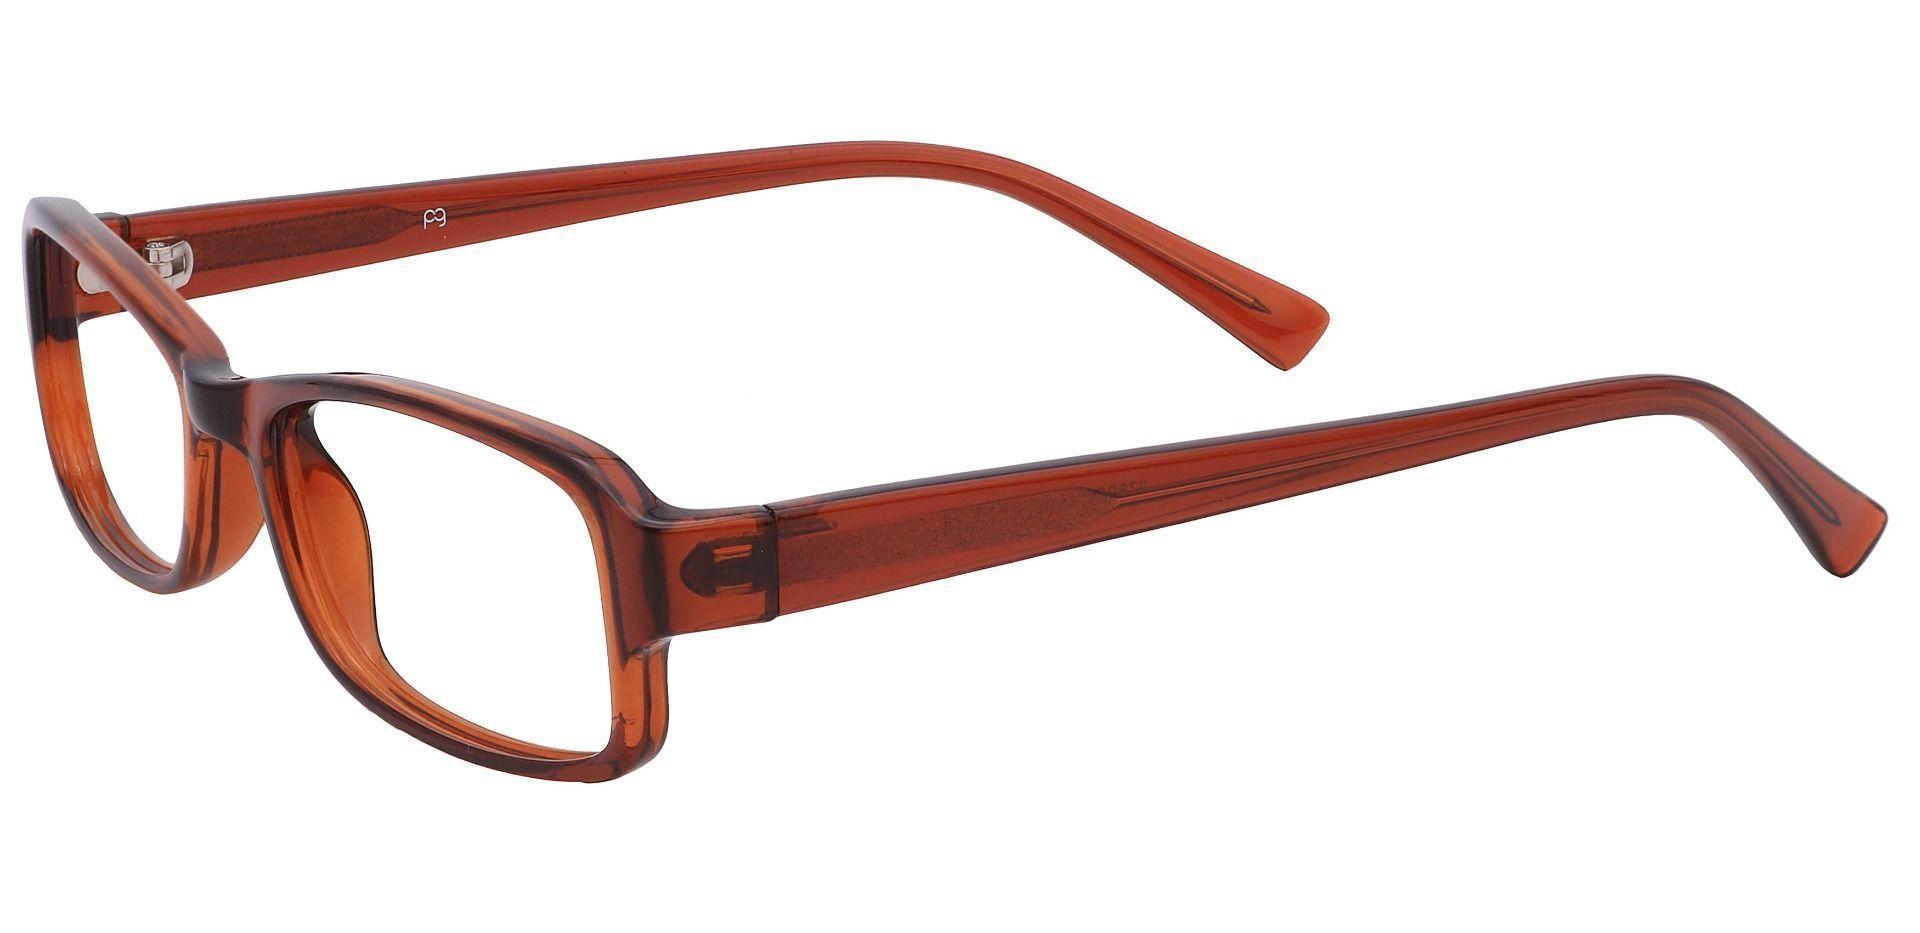 Rowan Rectangle Eyeglasses Frame - Root Beer Crystal